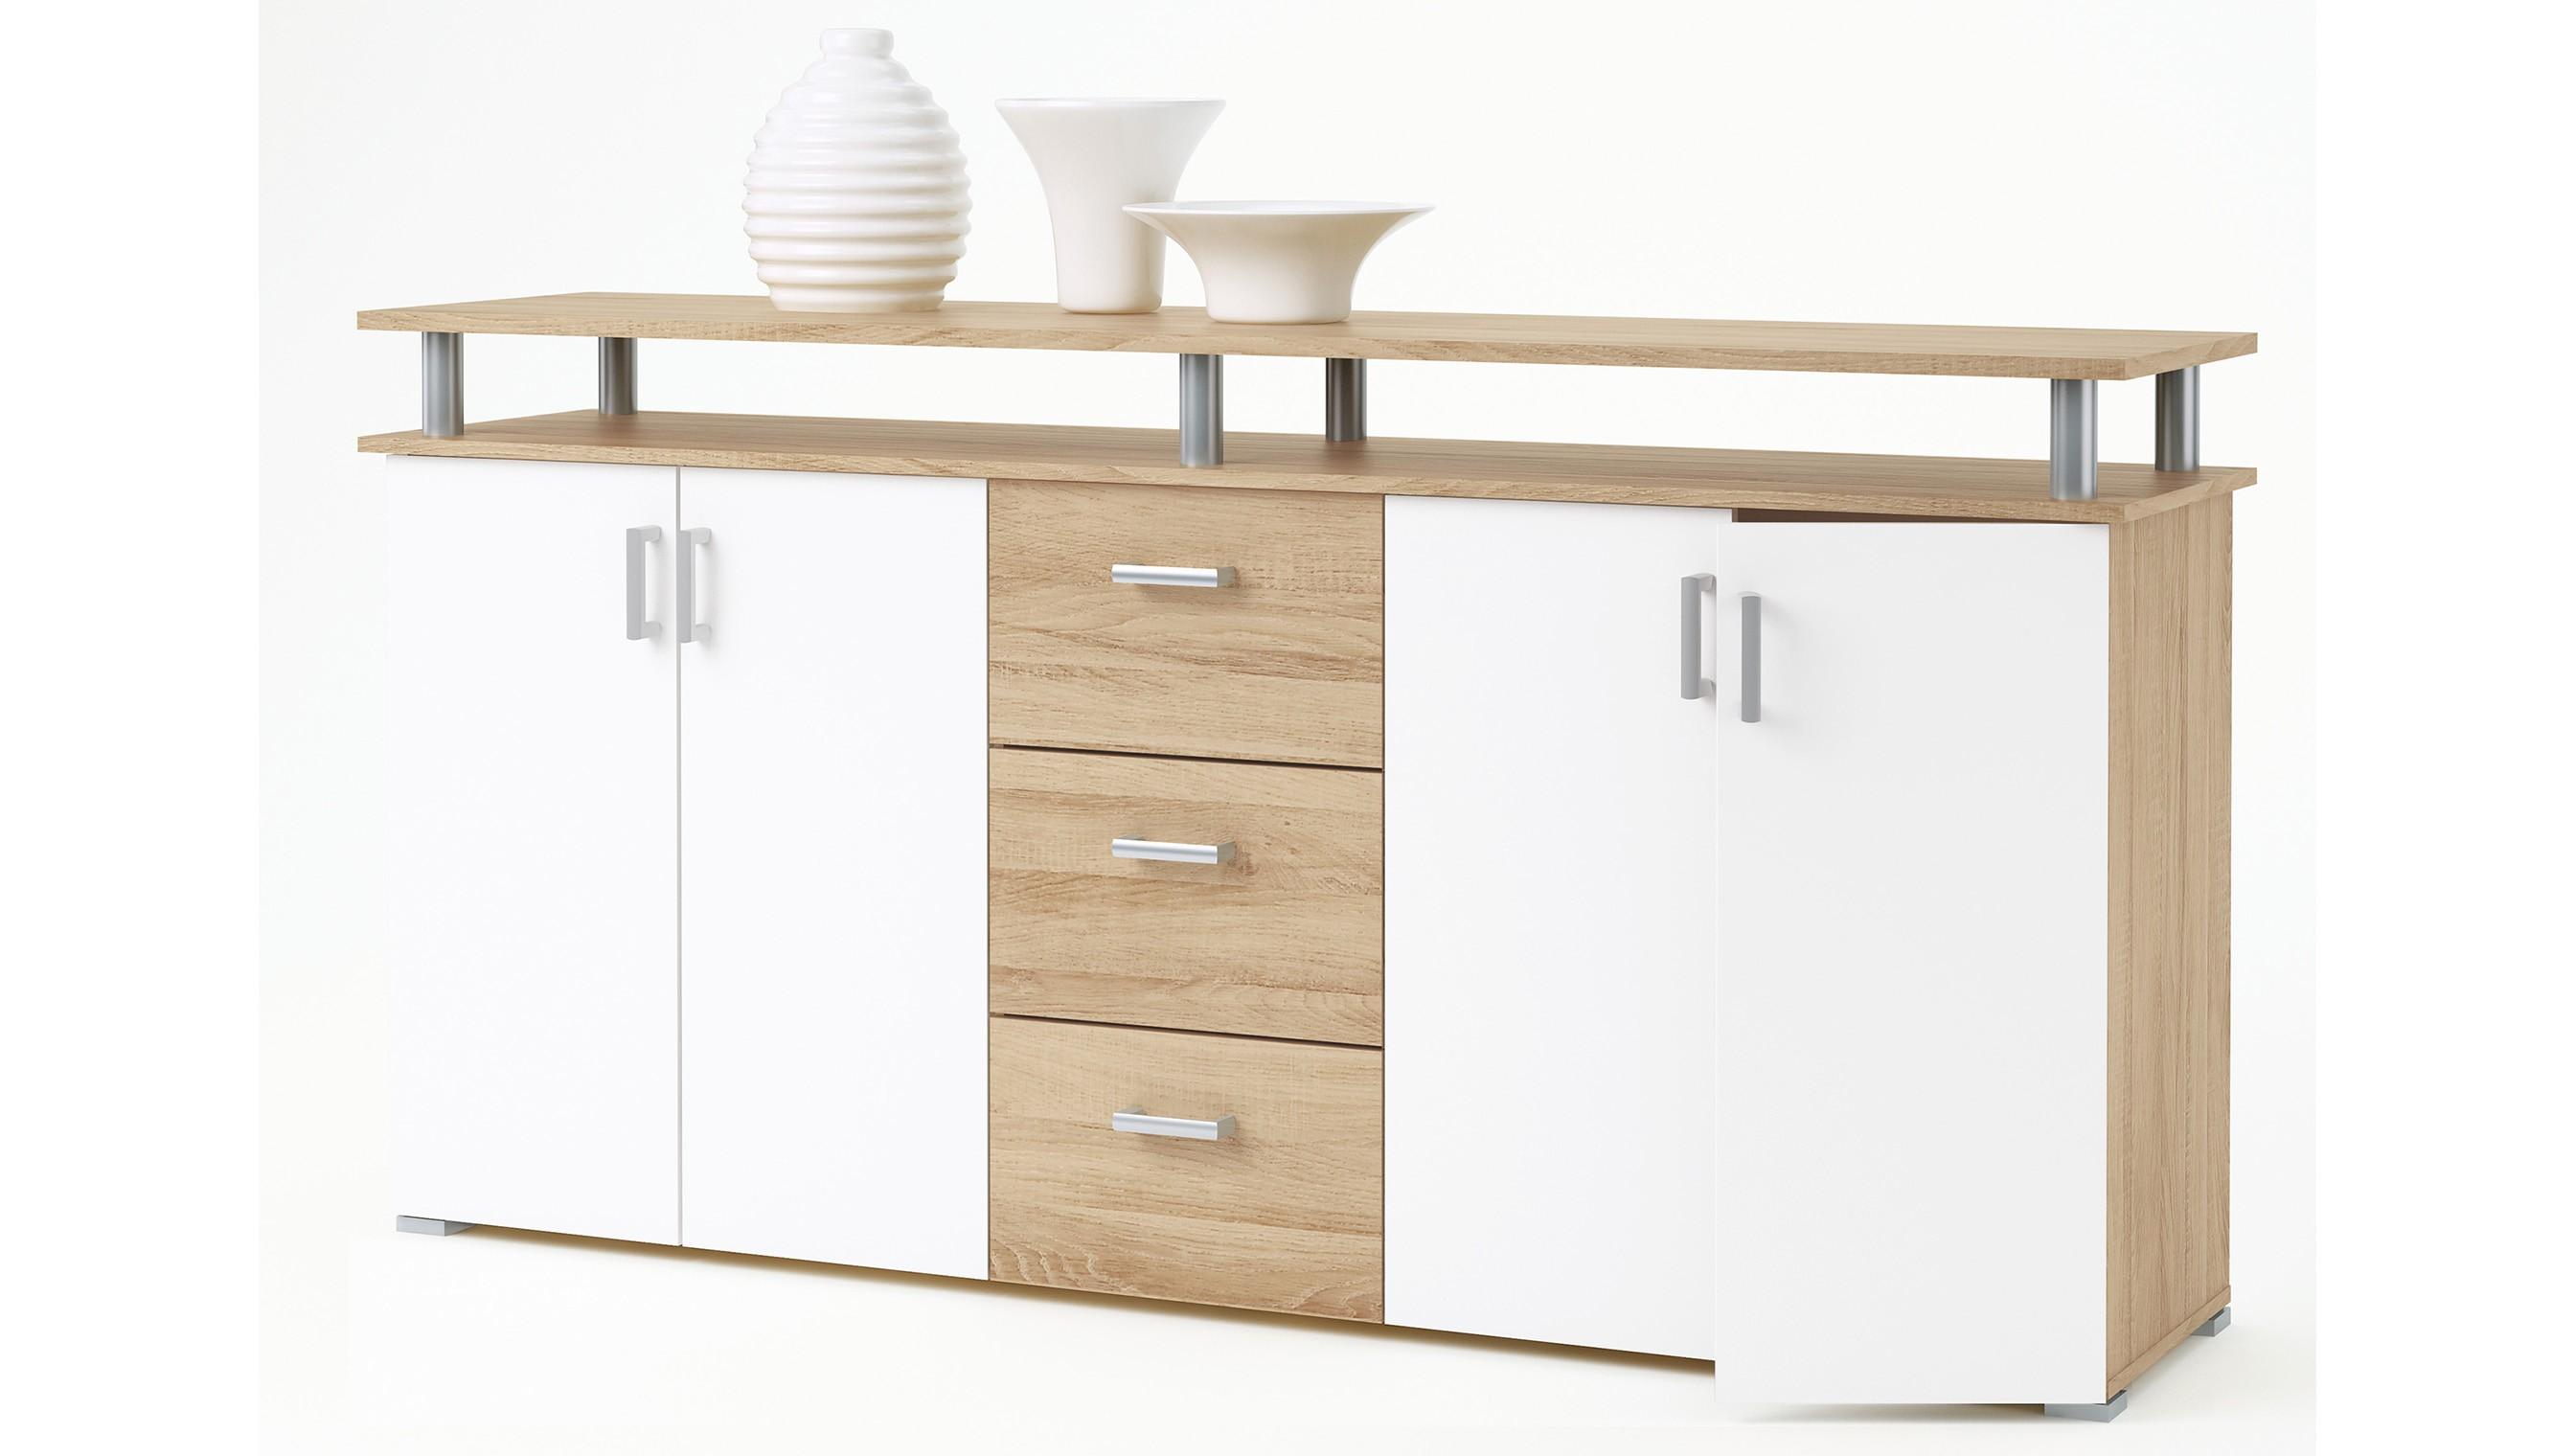 Küchenmöbel Einzelteile mit tolle design für ihr haus design ideen